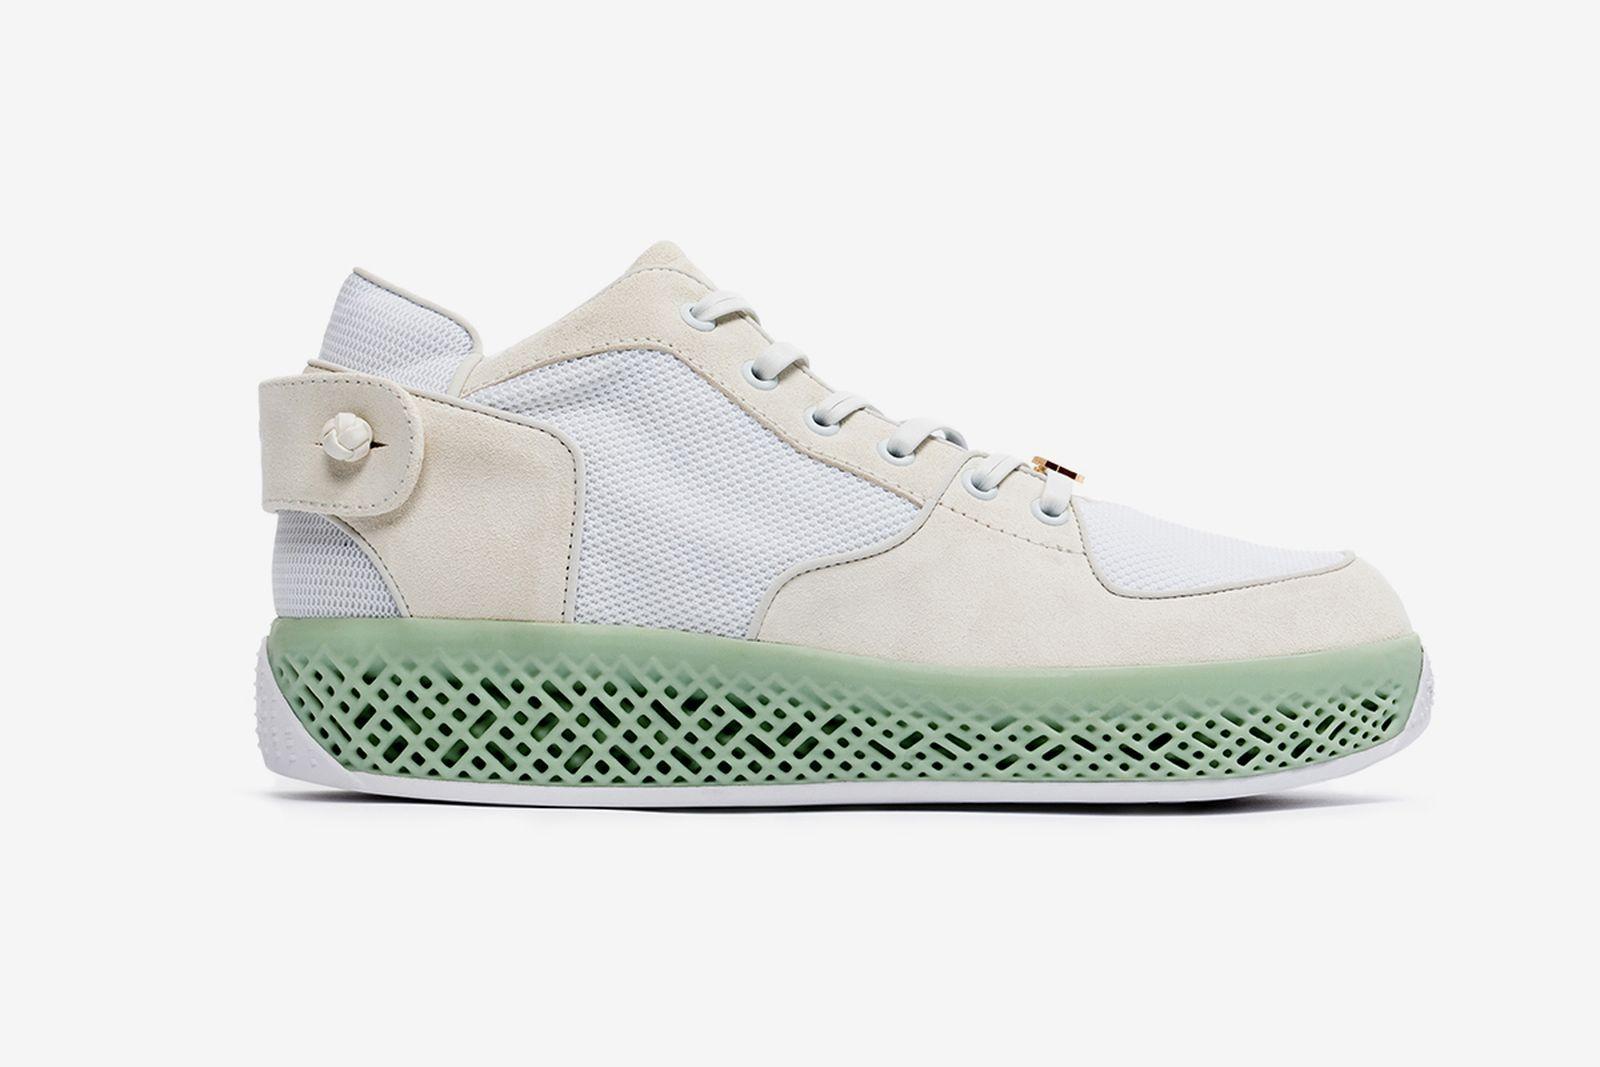 shang-zia-shuneaker-release-date-price-01